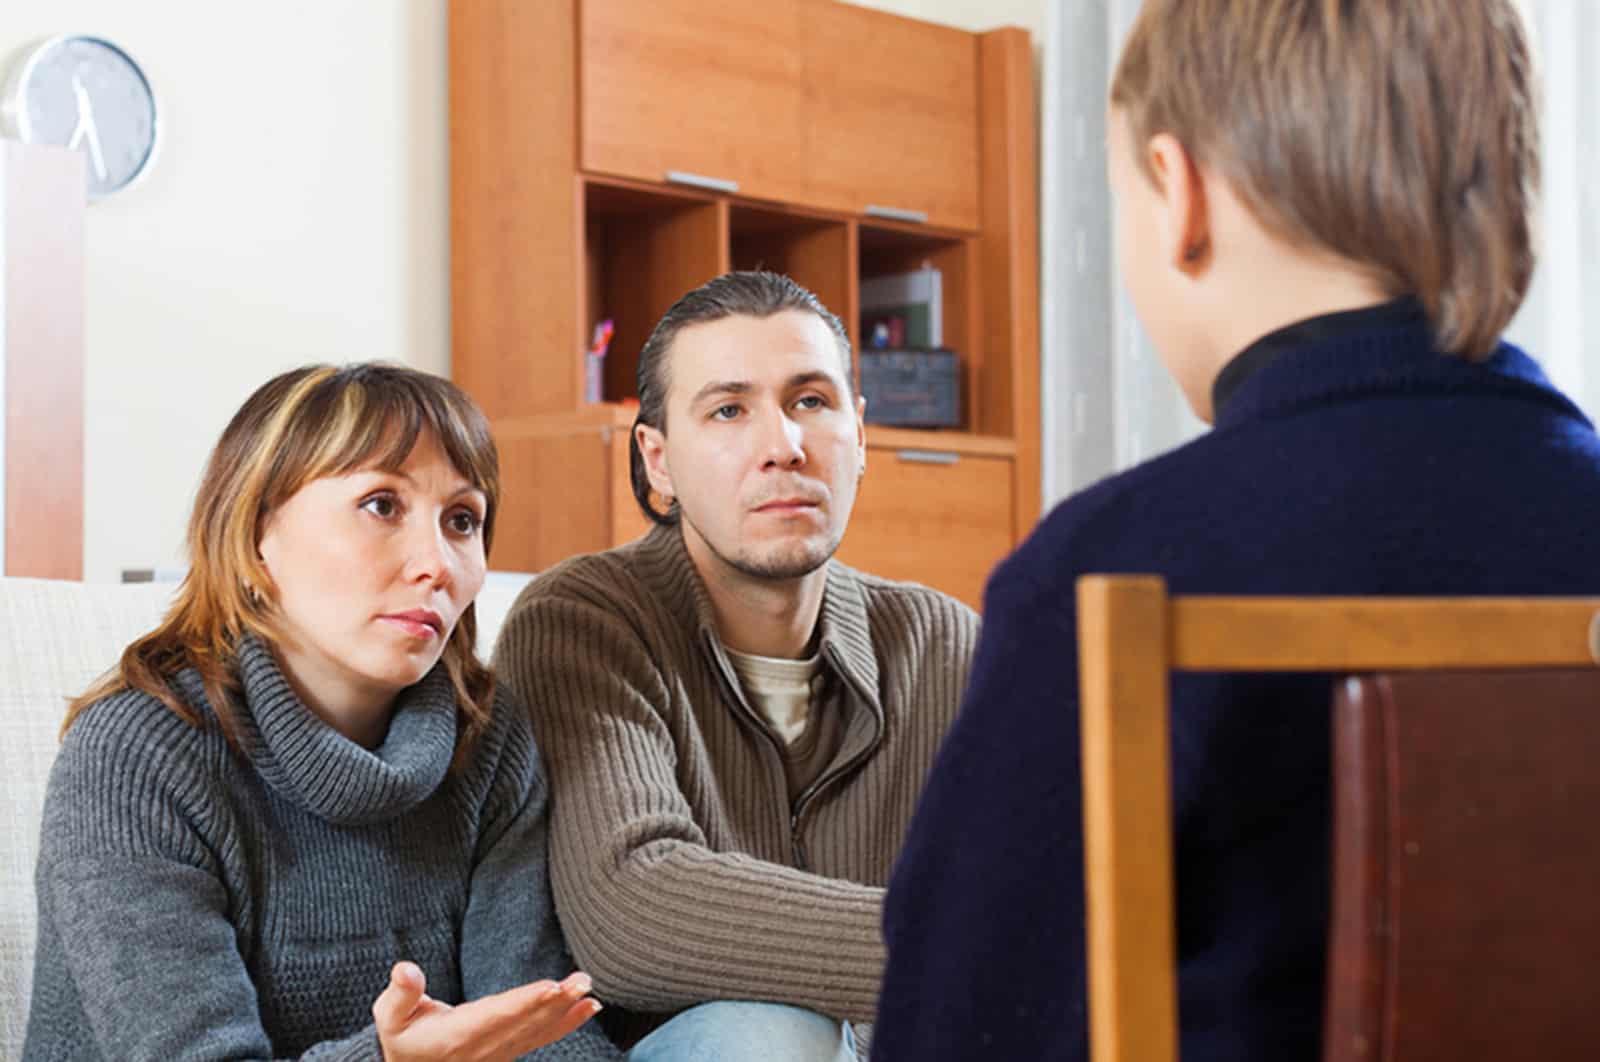 Eltern sprechen mit ihrem Kind, das auf dem Stuhl vor ihnen sitzt